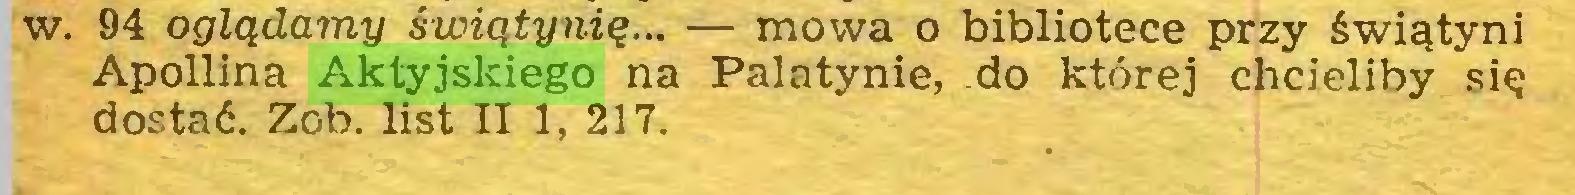 (...) w. 94 oglądamy świątynię... — mowa o bibliotece przy świątyni Apollina Aktyjskiego na Palatynie, do której chcieliby się dostać. Zob. list II 1, 217...